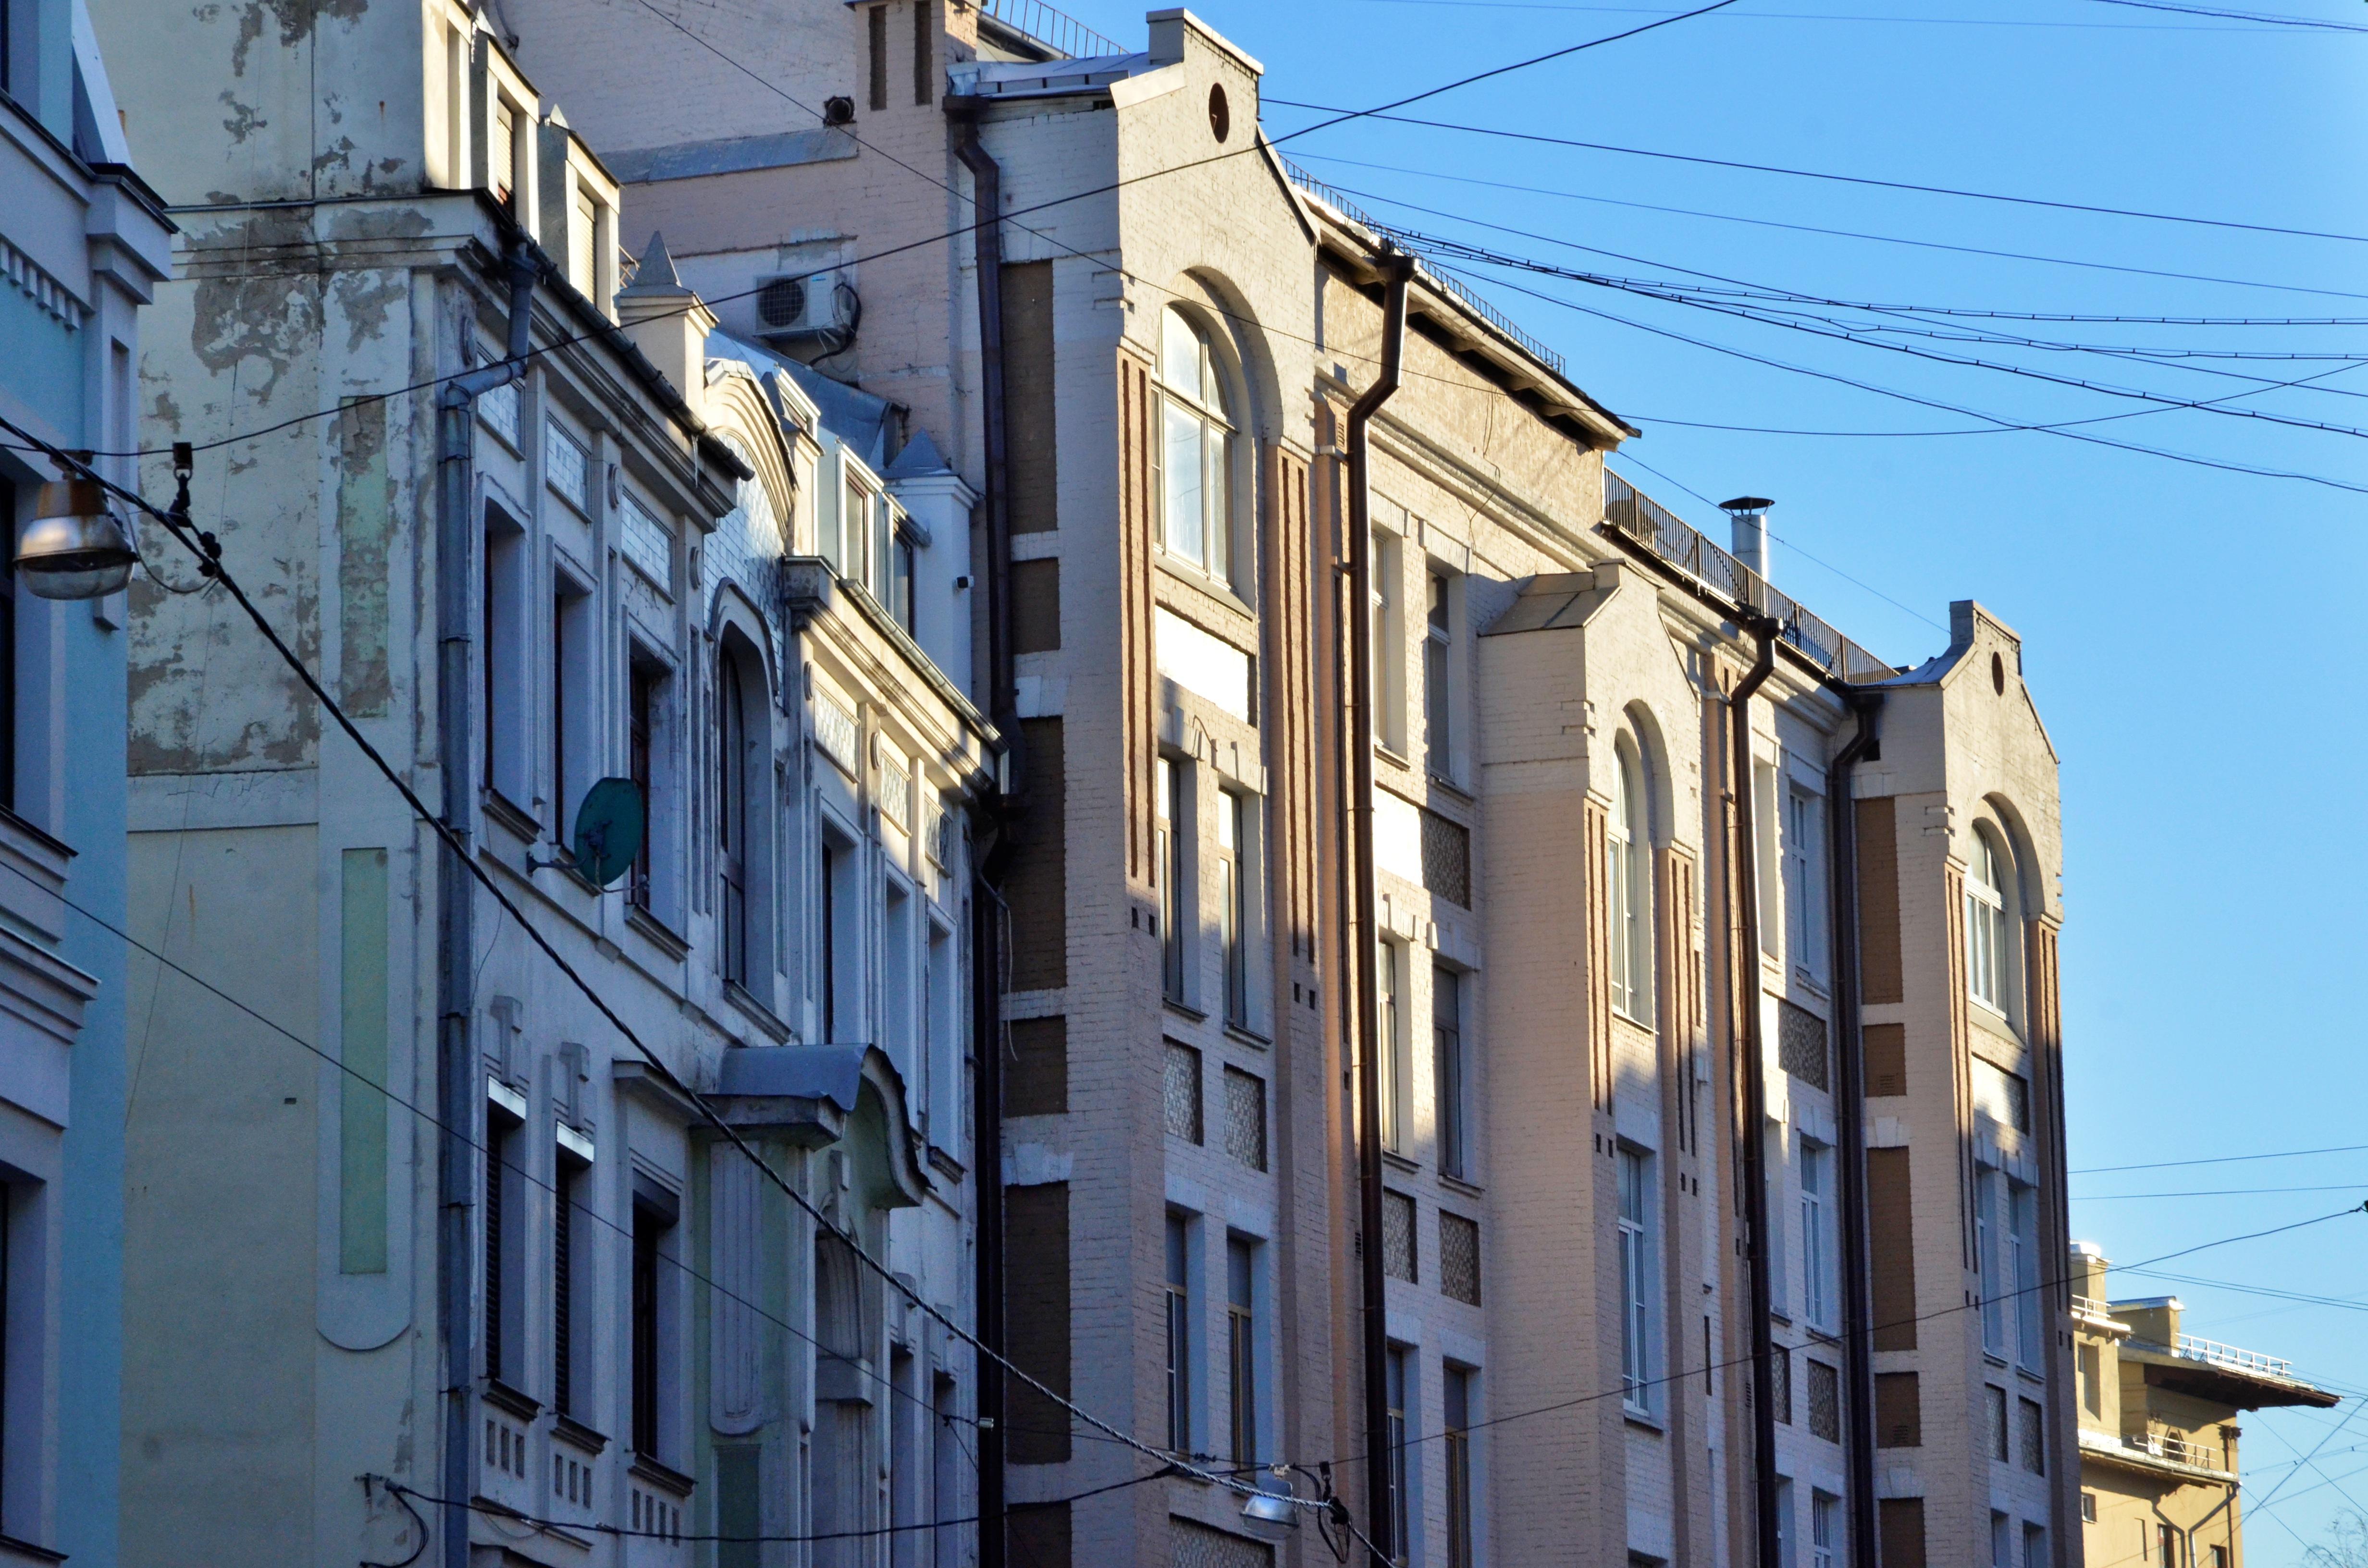 Жилые дома проинспектировалив районеЯкиманка. Фото: Анна Быкова